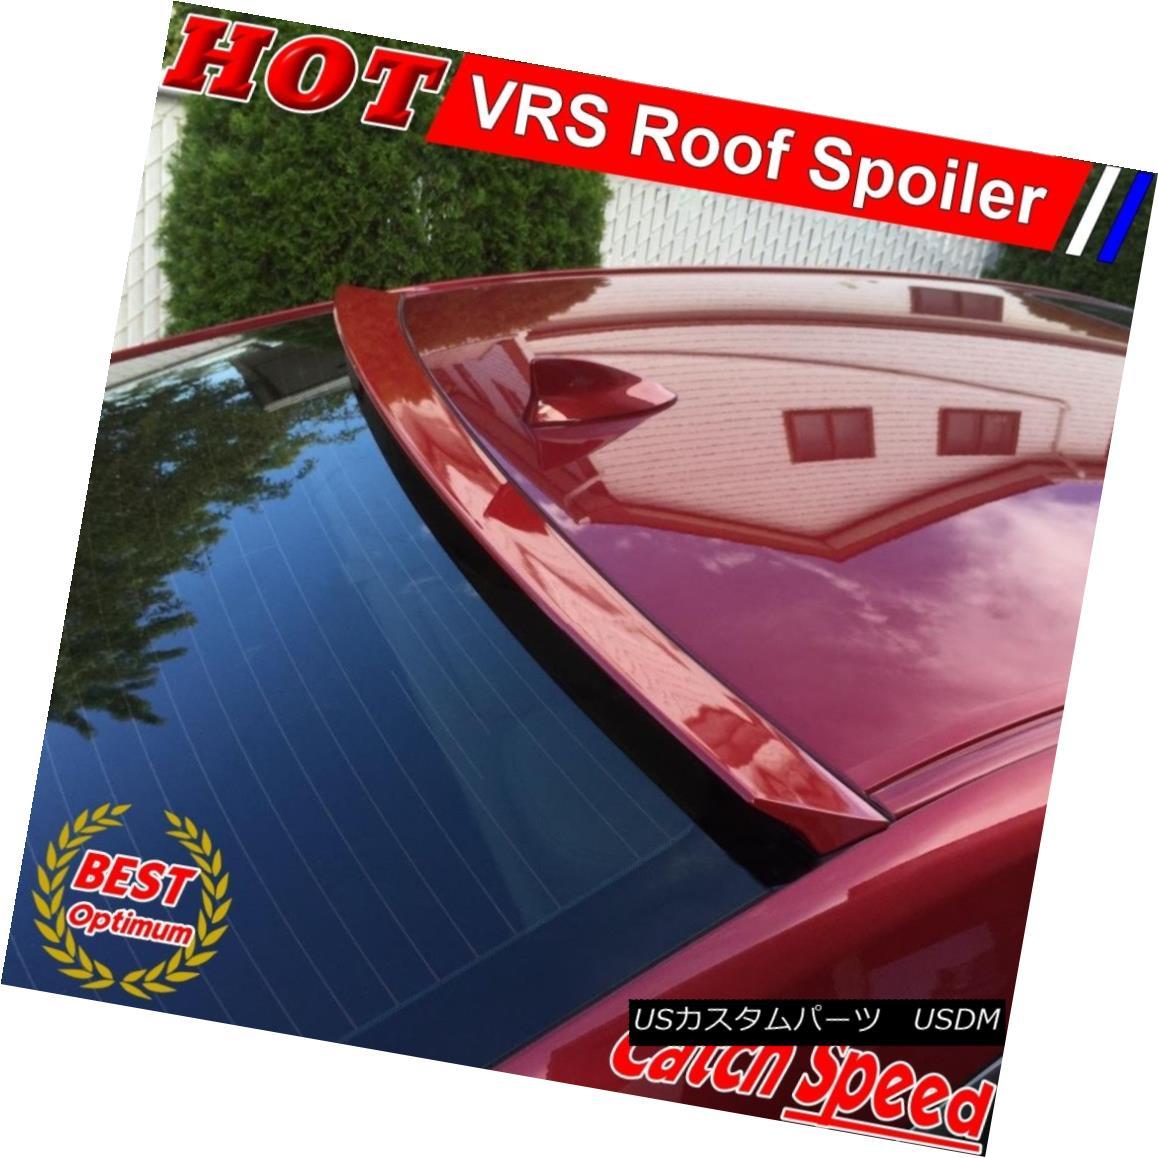 エアロパーツ Flat Black VRS Rear Roof Spoiler Wing For Lexus IS250 300h 350 XE30 14-15 Sedan レクサスIS250用フラットブラックVRSリアルーフスポイラーウィング300h 350 XE30 14-15セダン